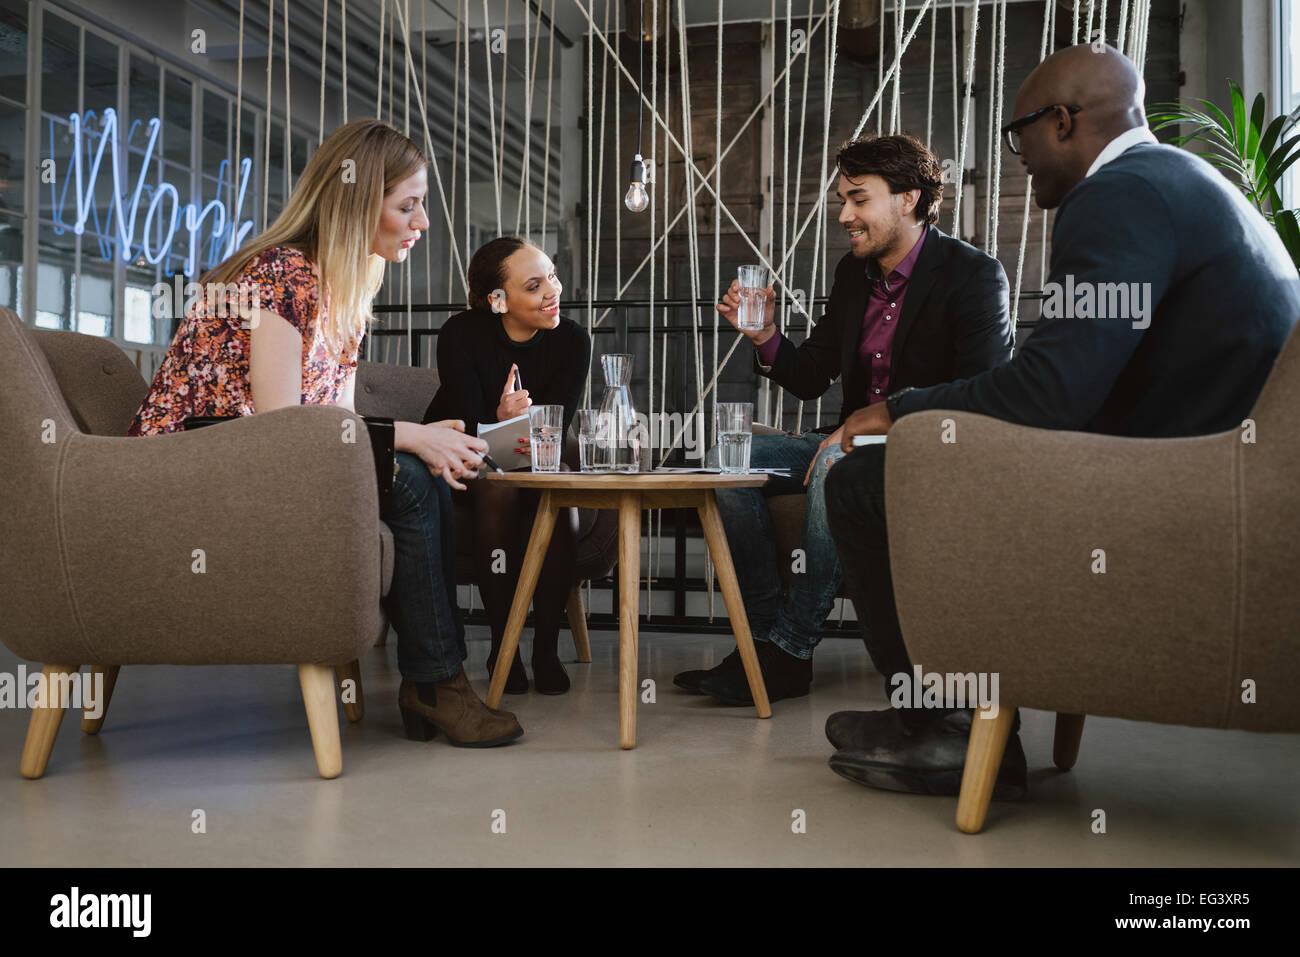 Equipo empresarial multirracial sentado en el vestíbulo de la oficina para debatir nuevas ideas de negocio. Imagen De Stock